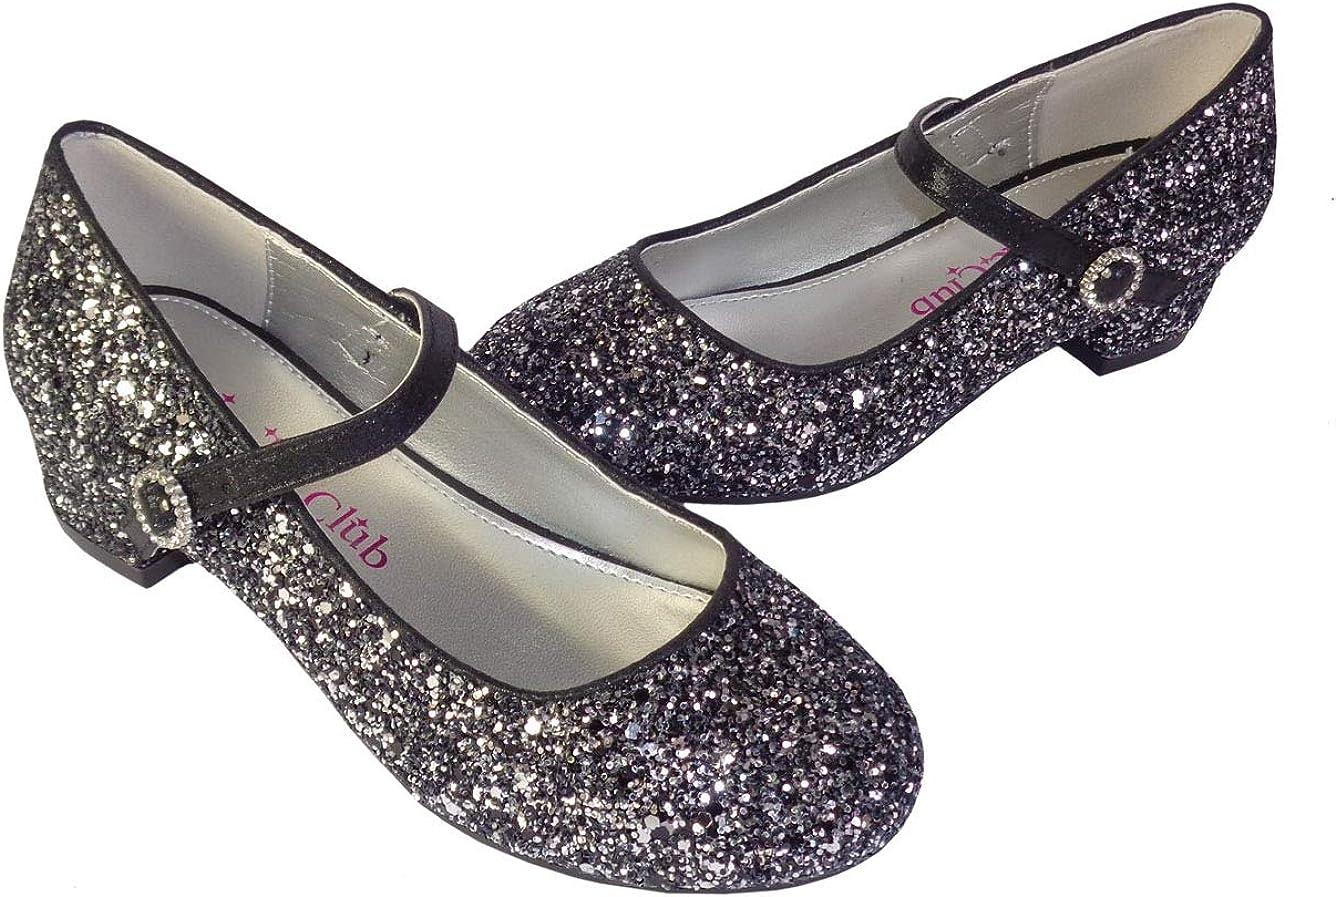 para fiesta con purpurina tac/ón bajo Zapatos de princesa para ni/ñas color negro y plateado